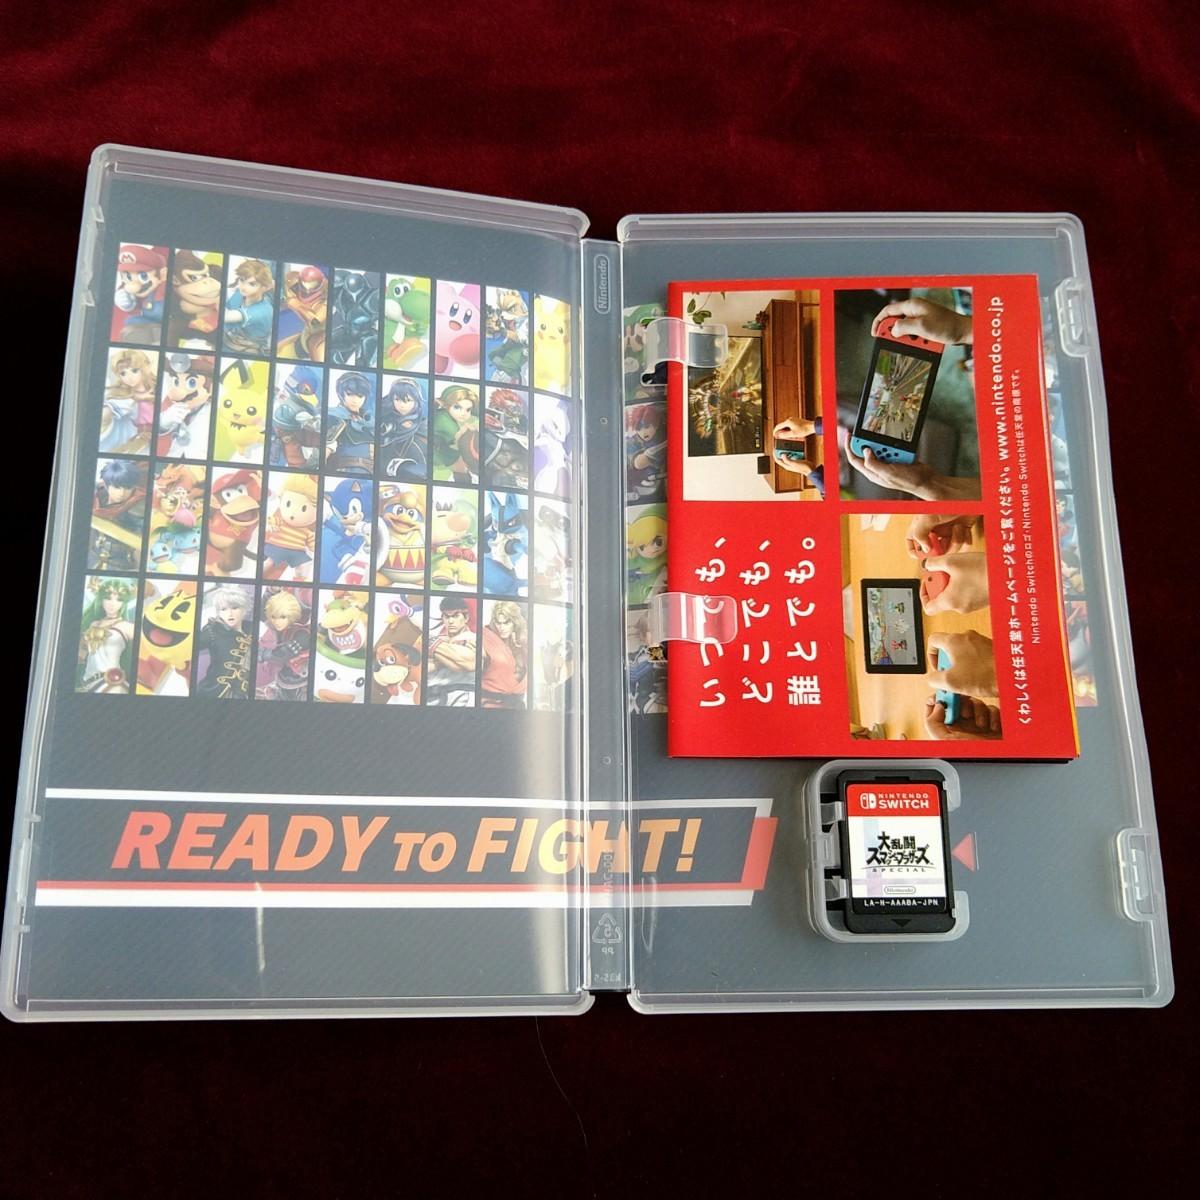 大乱闘スマッシュブラザーズSPECIAL スマブラ Nintendo Switch ニンテンドースイッチソフト